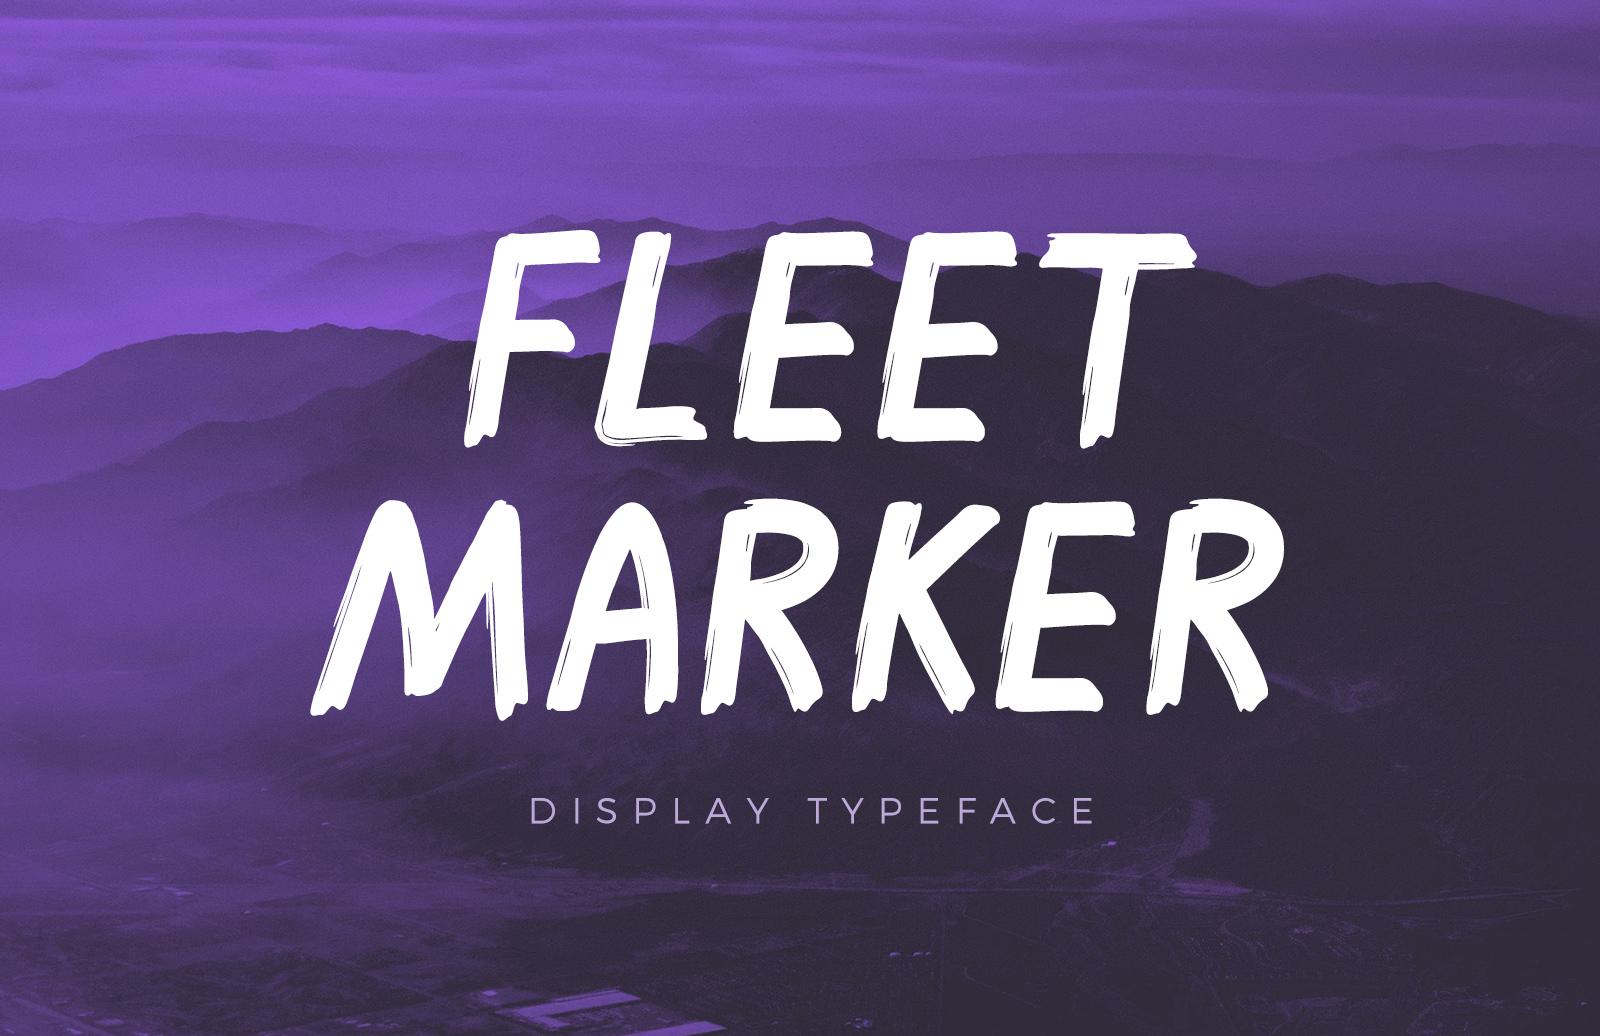 Fleet - Felt Marker Font